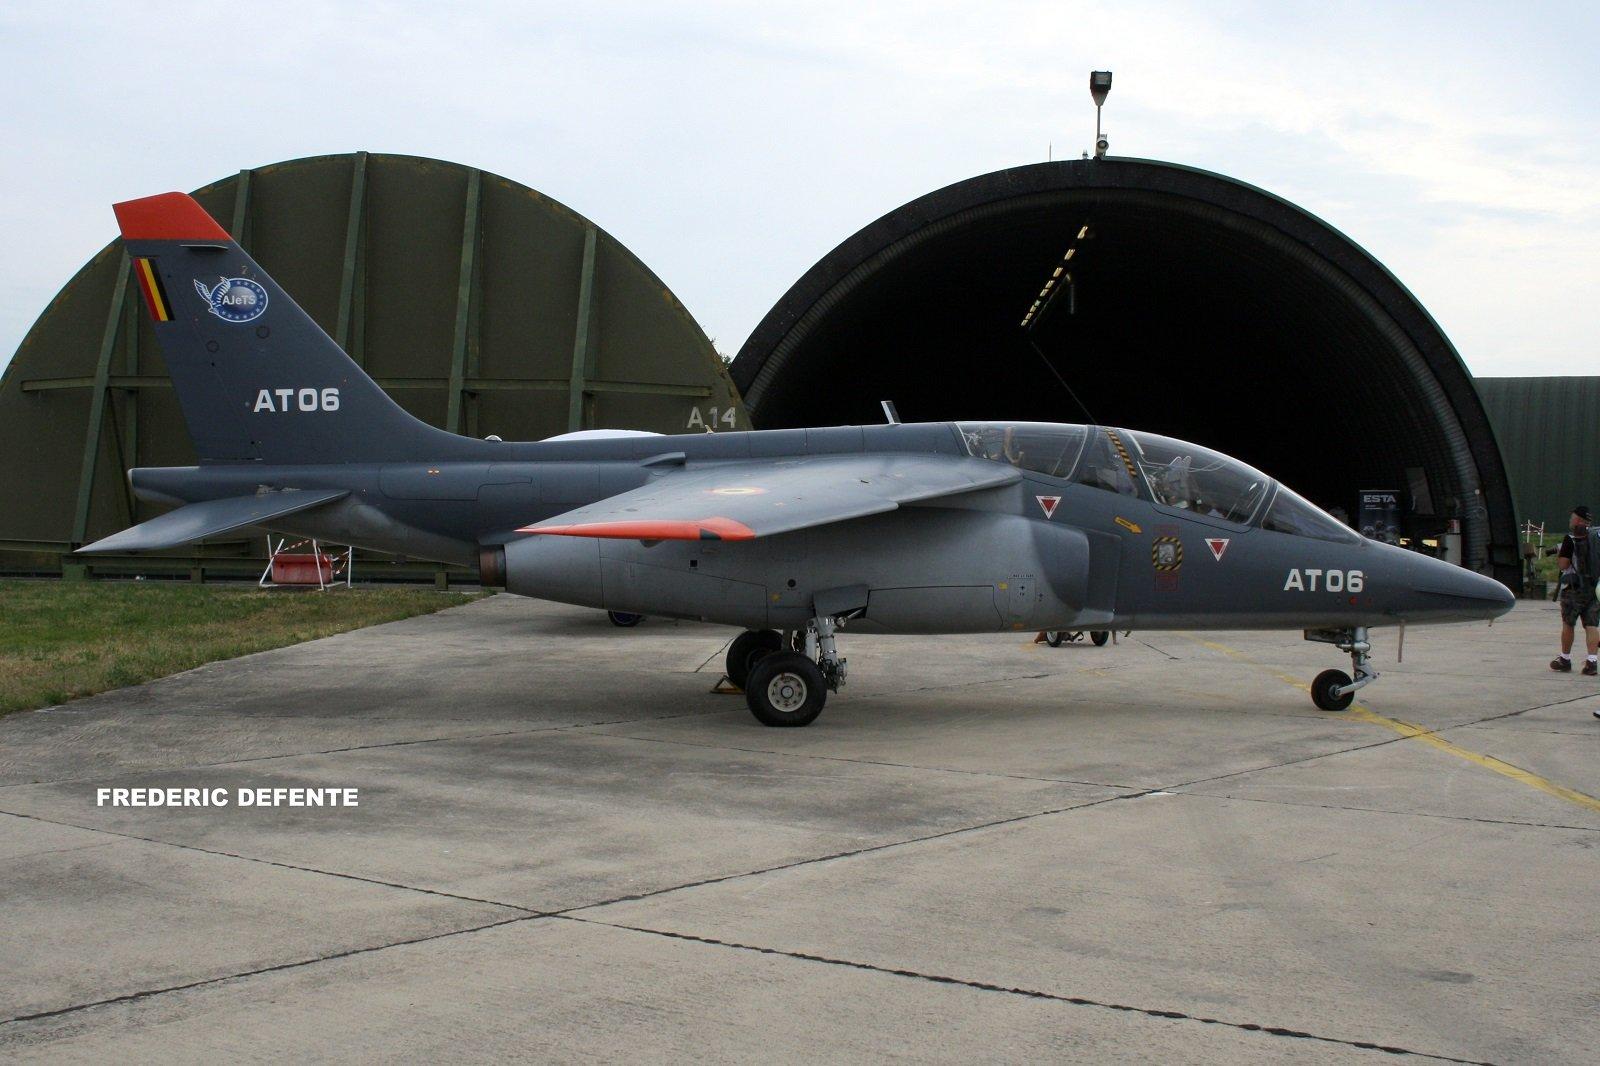 Meeting de l'air base aérienne 115 Orange - Page 2 19052705385335437